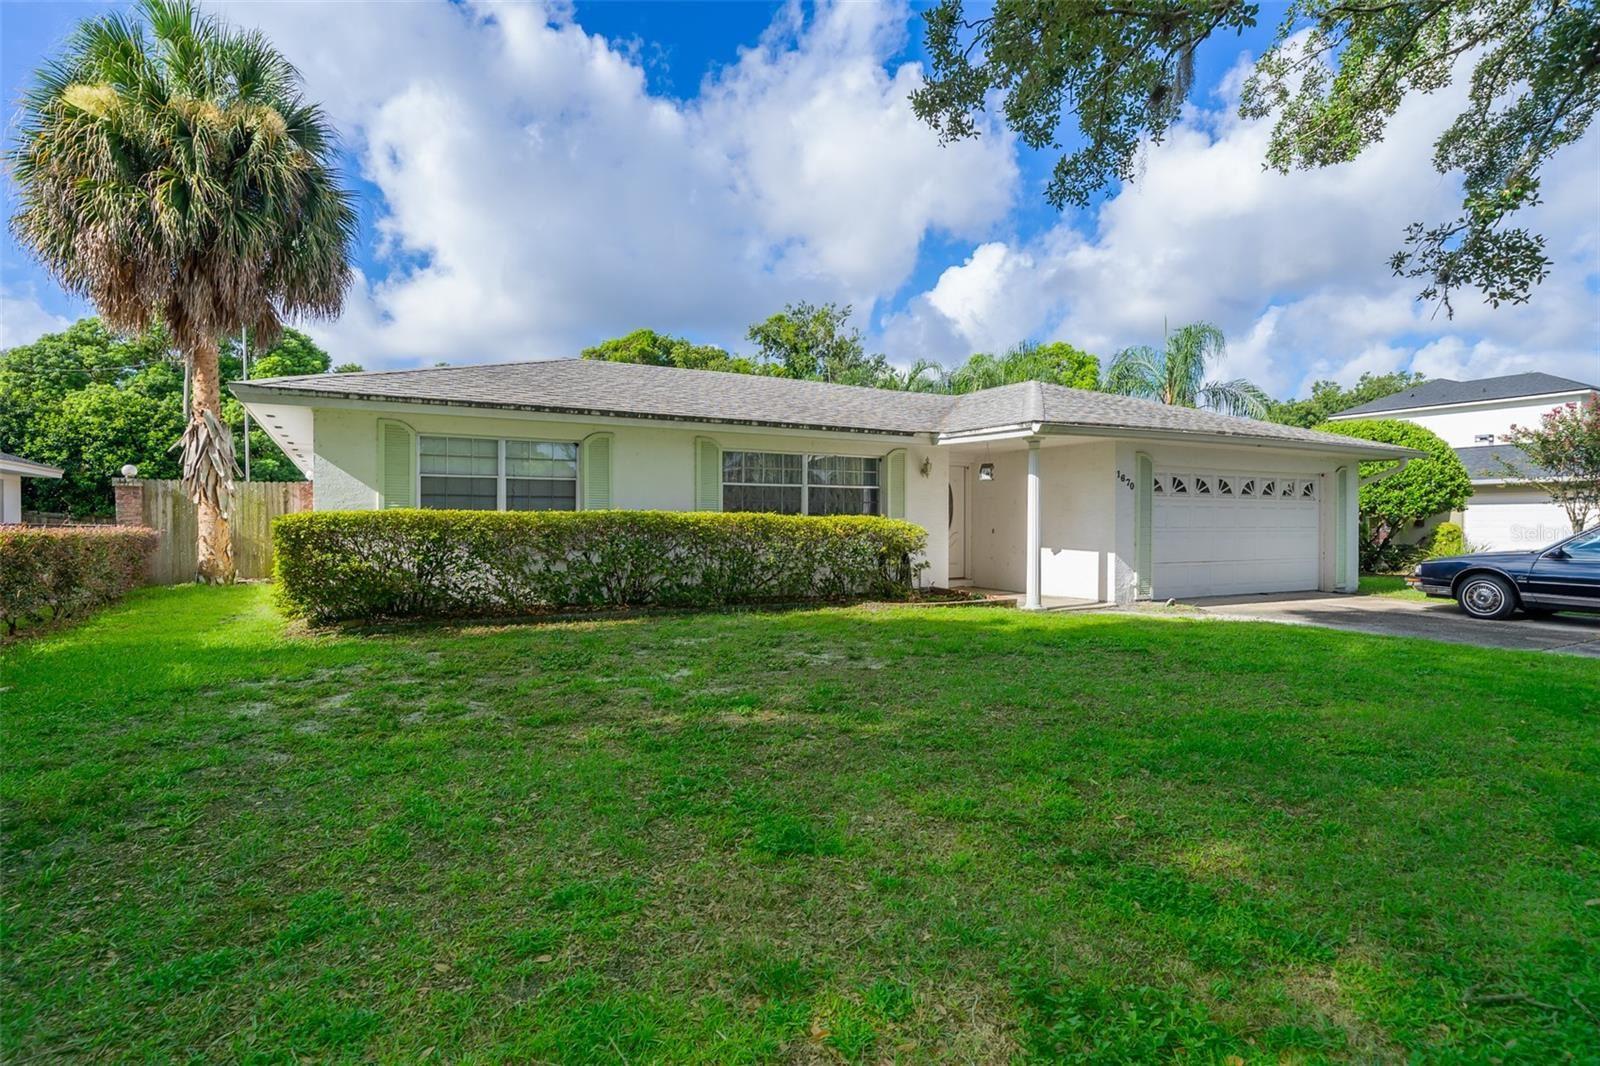 1670 PALM AVENUE, Winter Park, FL 32789 - #: O5961244